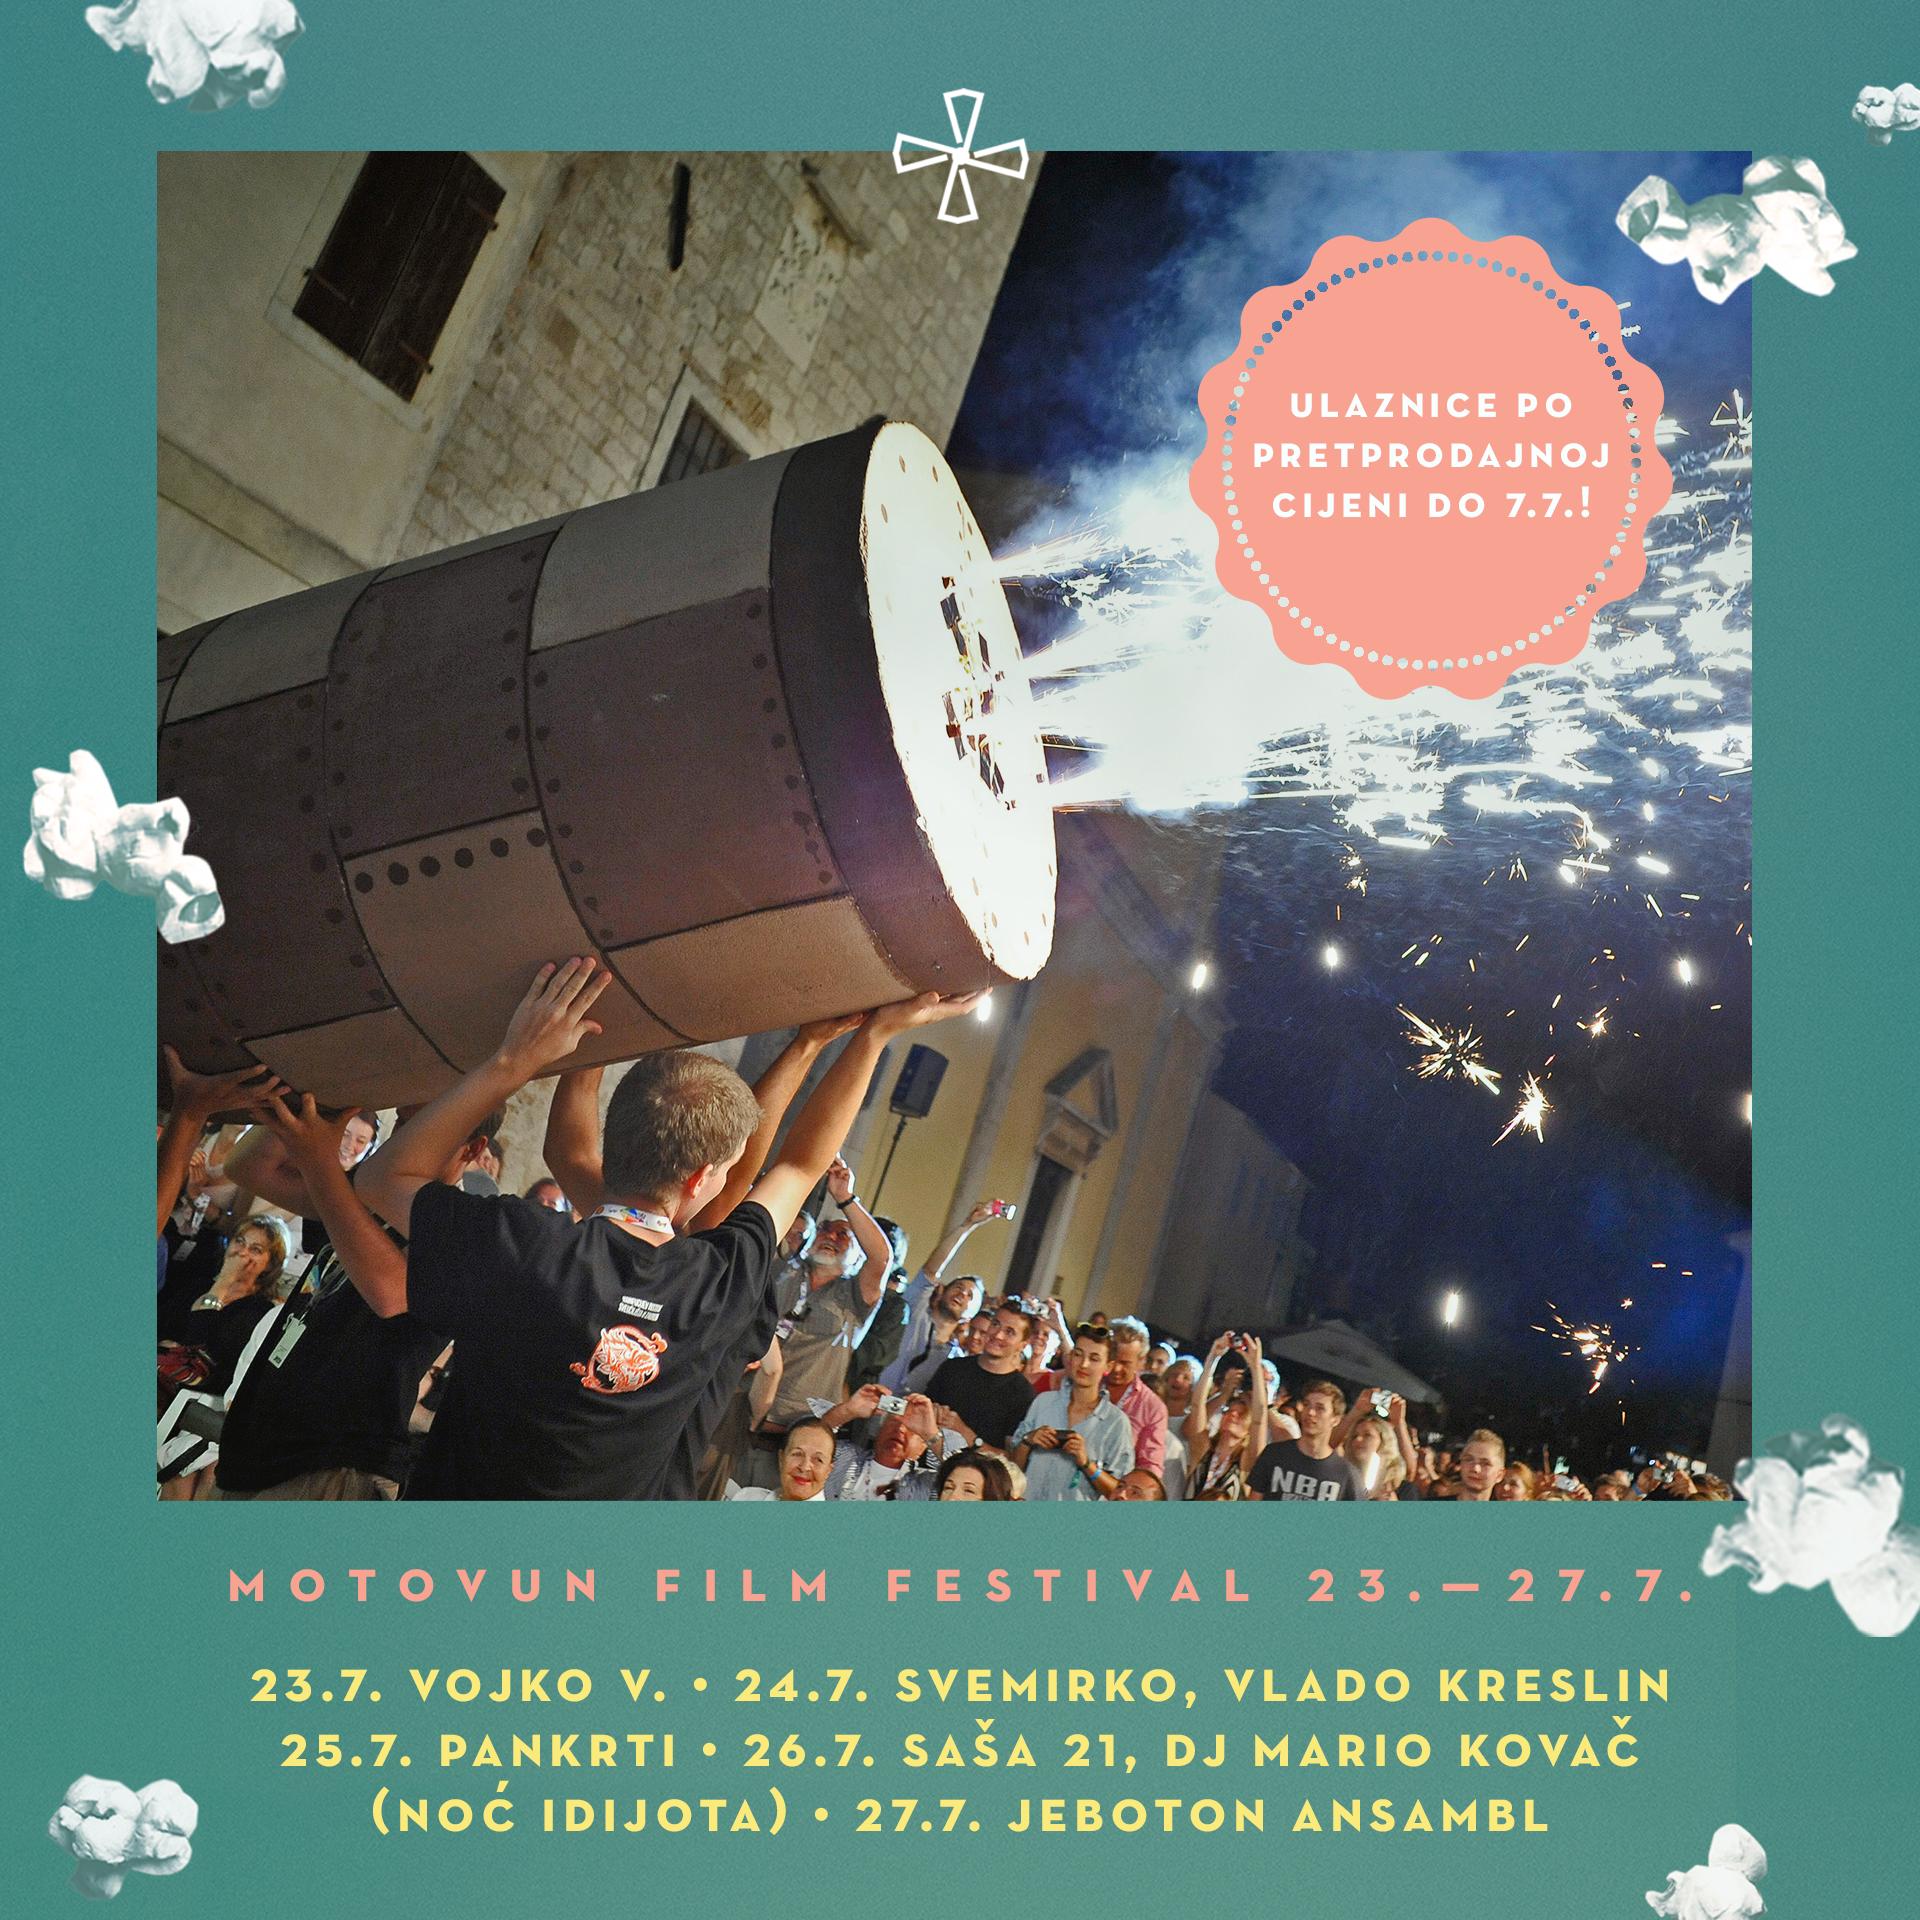 Motovun 2019: Pankrti, Vlado Kreslin i Saša 21 nova imena u glazbenoj ponudi Motovun Film Festivala